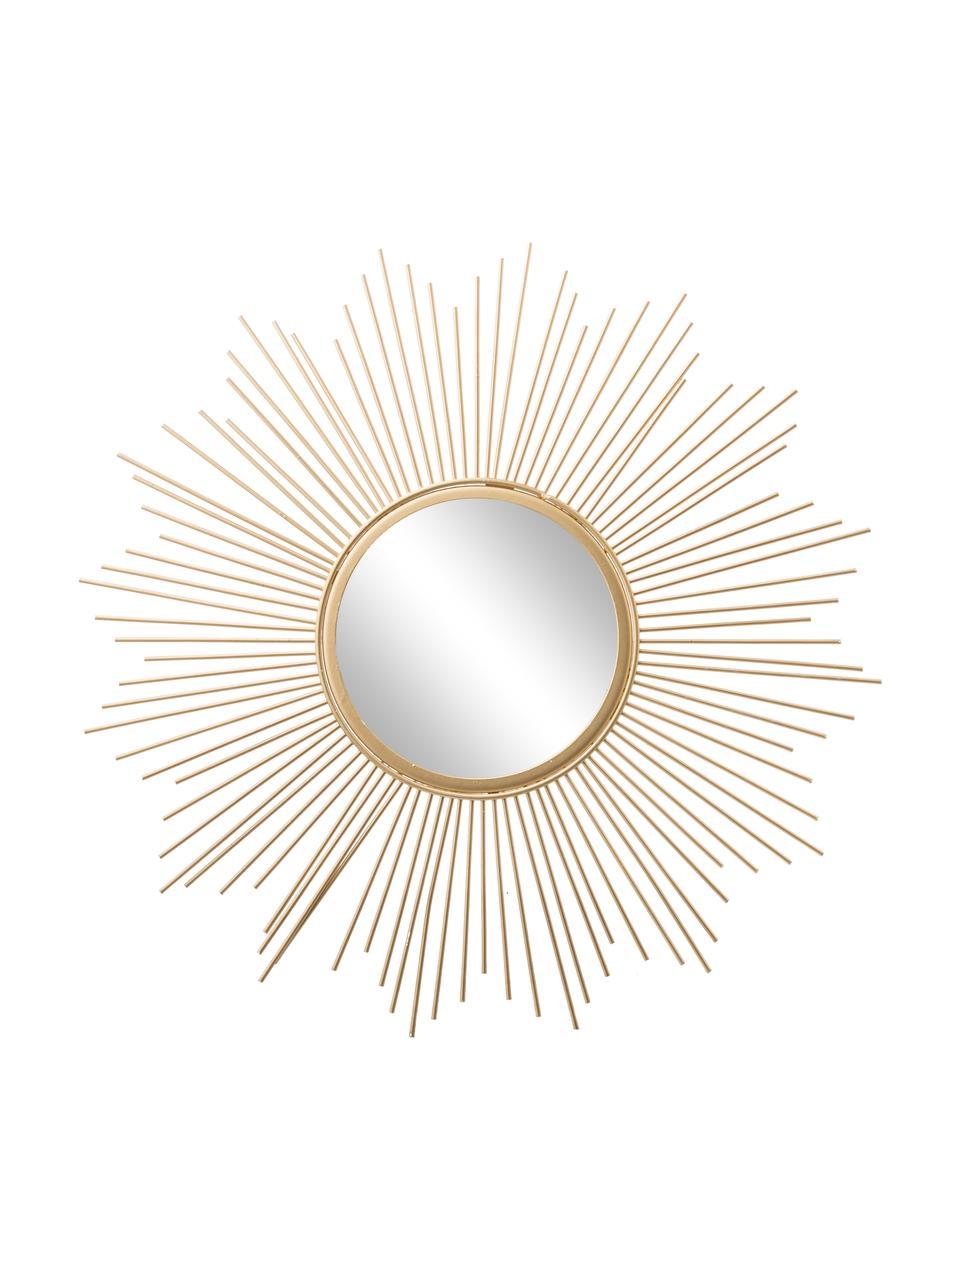 Dekospiegel Brooklyn mit goldenem Metallrahmen, Rahmen: Metall, beschichtet, Spiegelfläche: Spiegelglas, Goldfarben, Ø 50 x T 2 cm